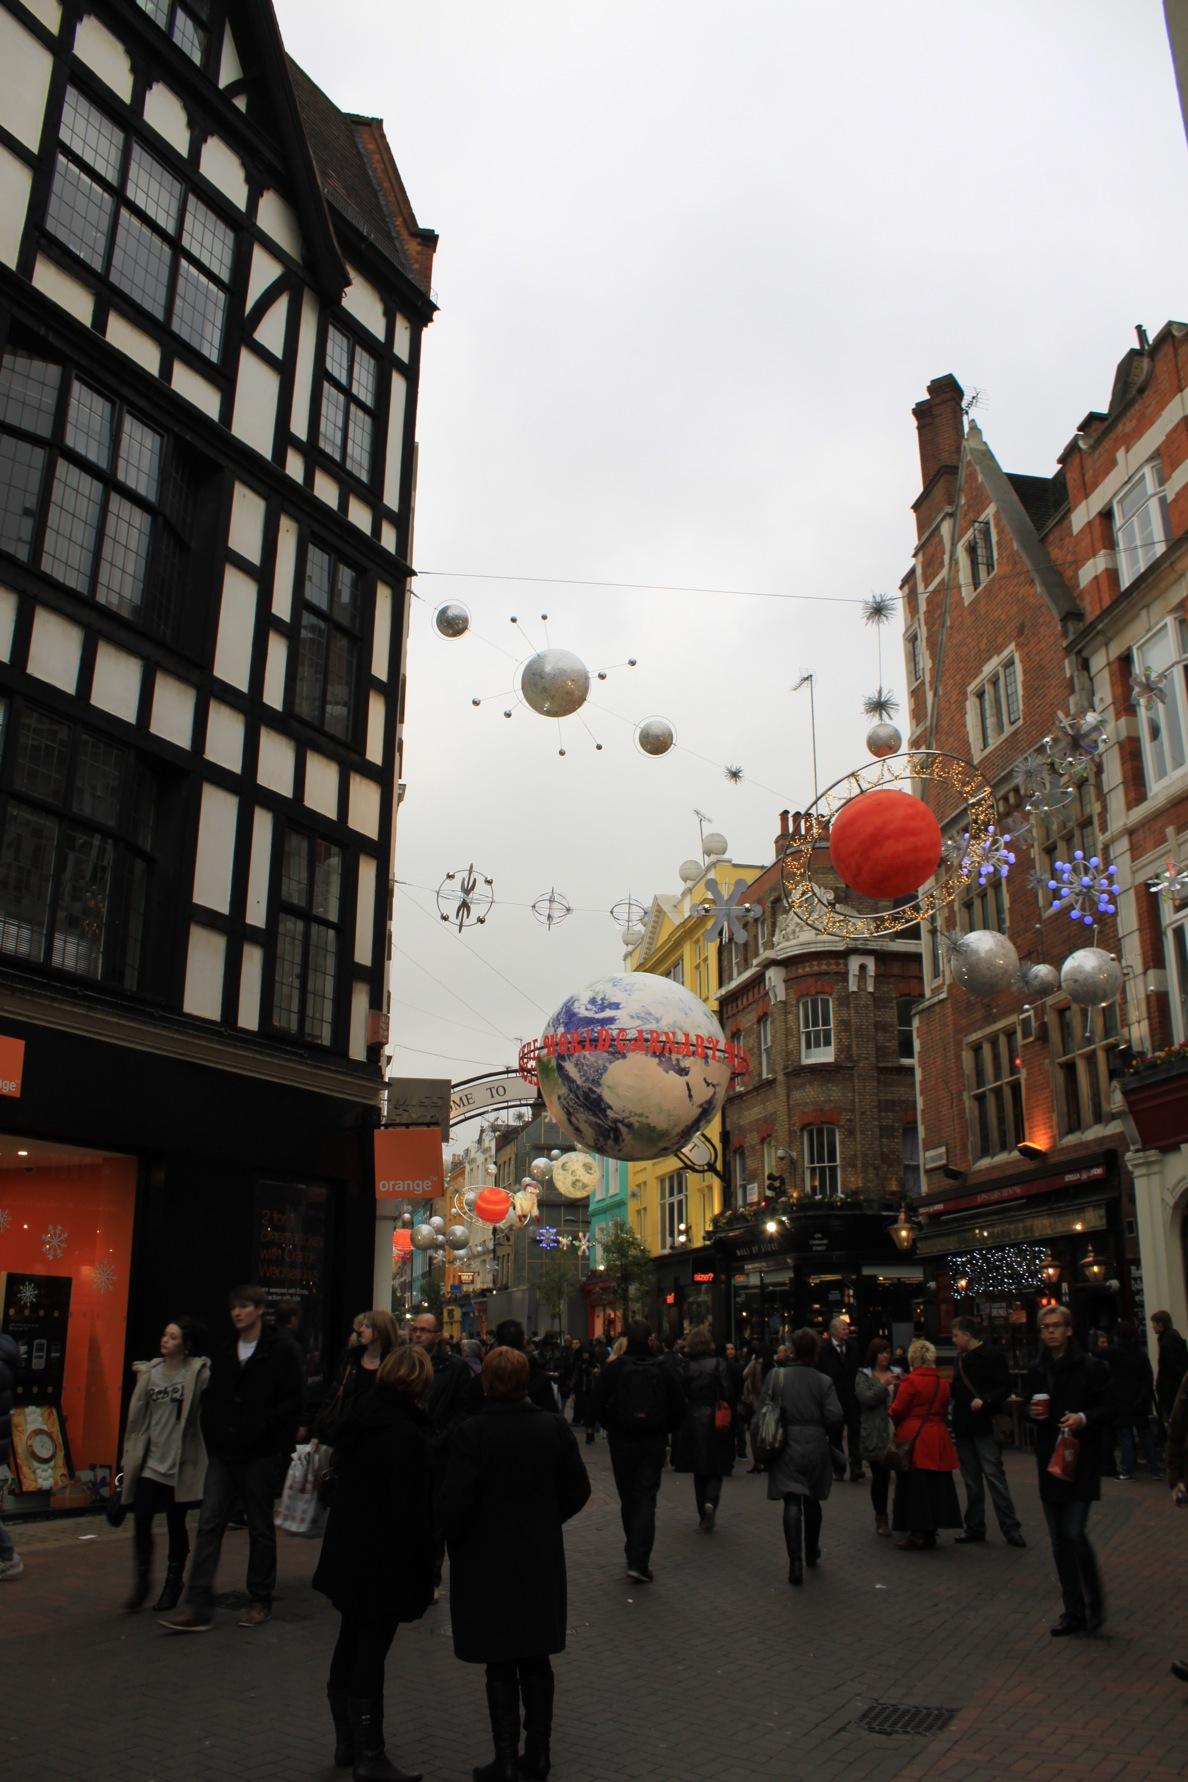 すでにクリスマスなロンドン街角より_a0137487_21169.jpg